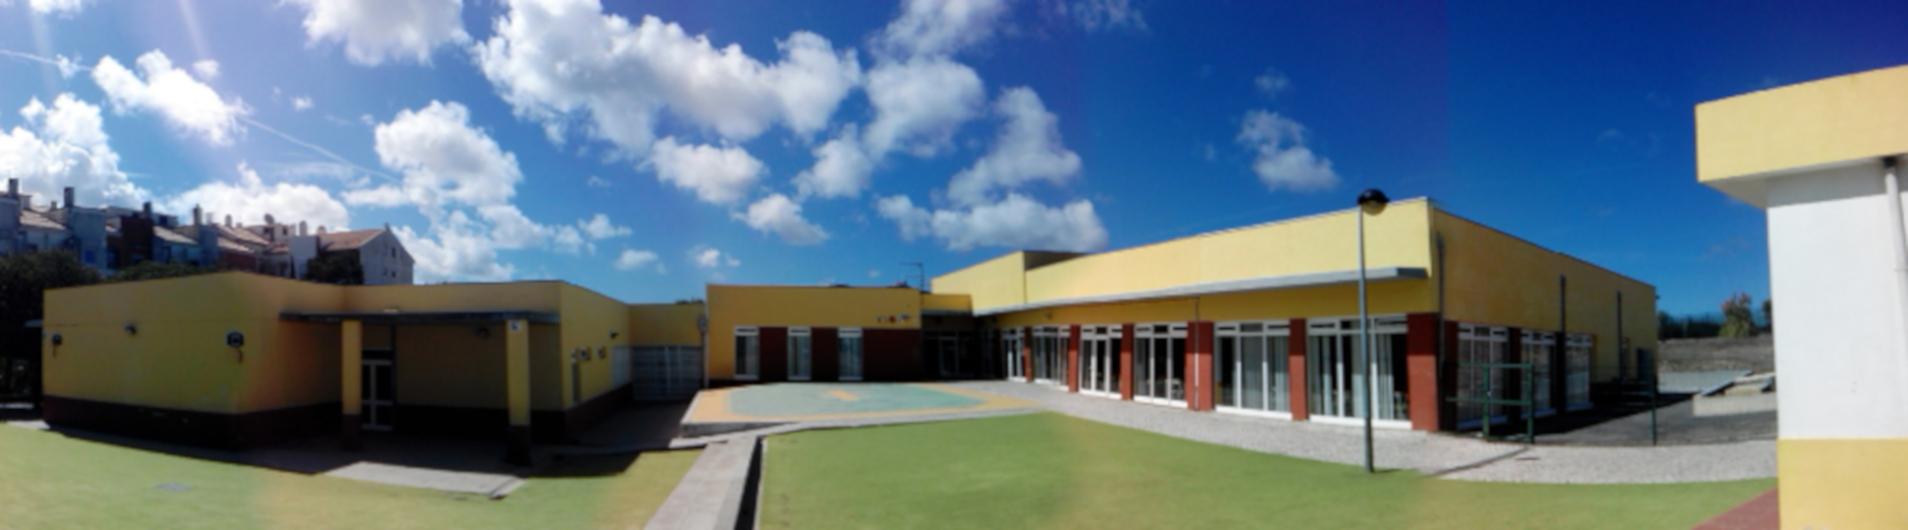 Escola Básica e Jardim de Infância da Cavaleira